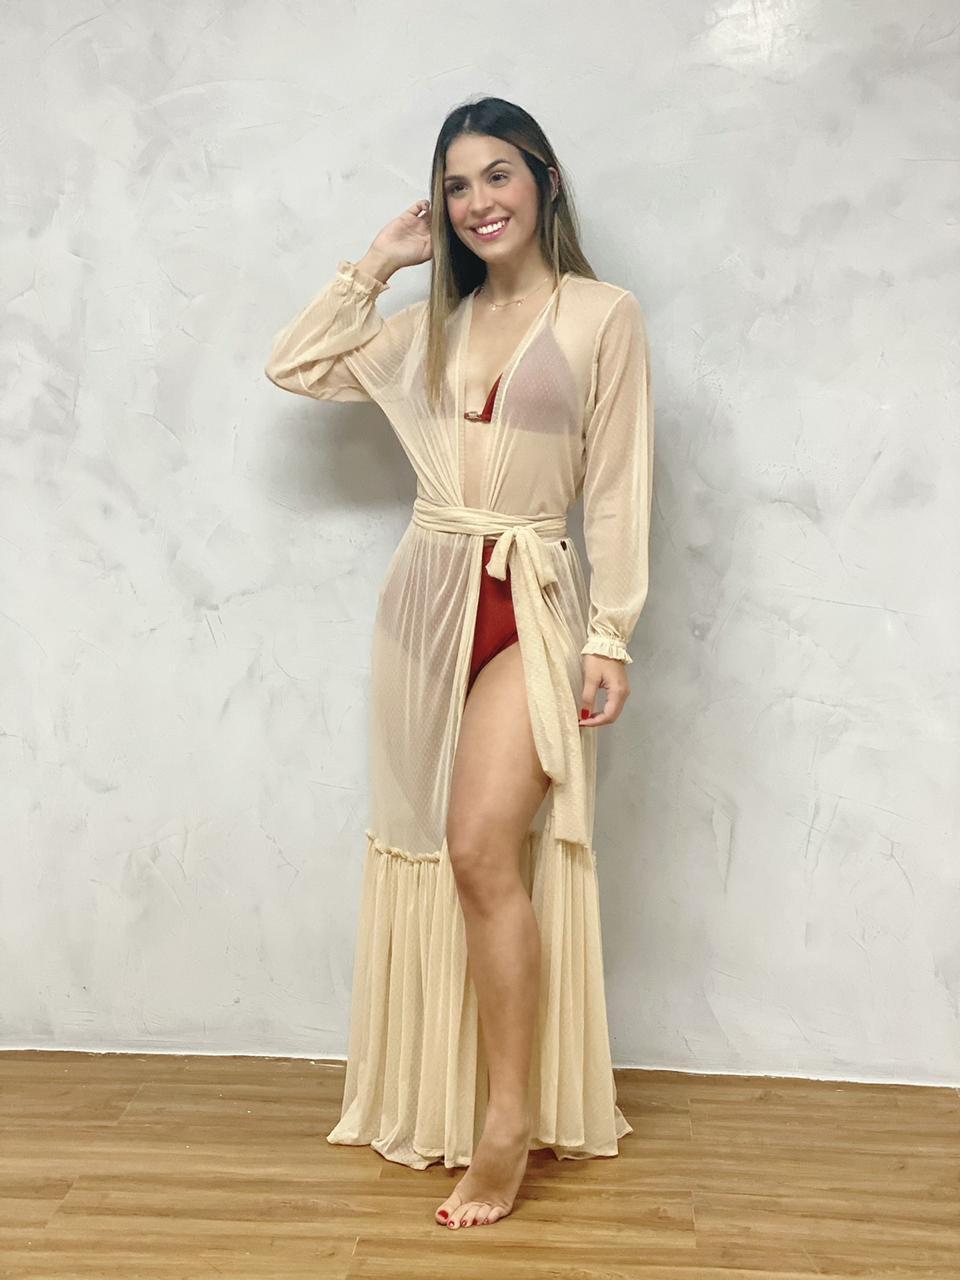 Vestido Longo Manga Elástico Nude  - RMCE BRAZIL